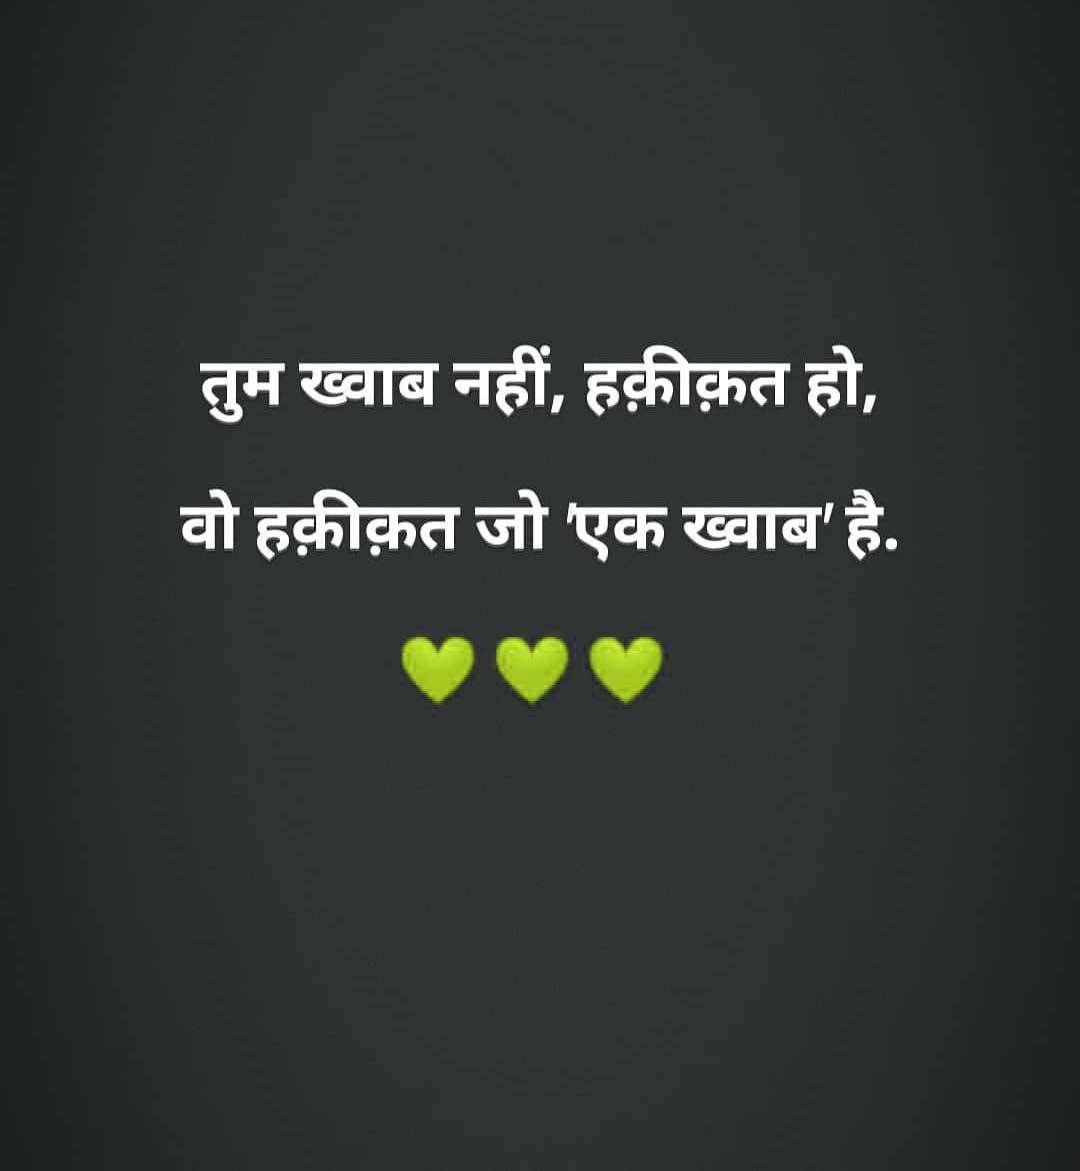 Hindi Life Quotes Whatsapp DP Hd Free Photo